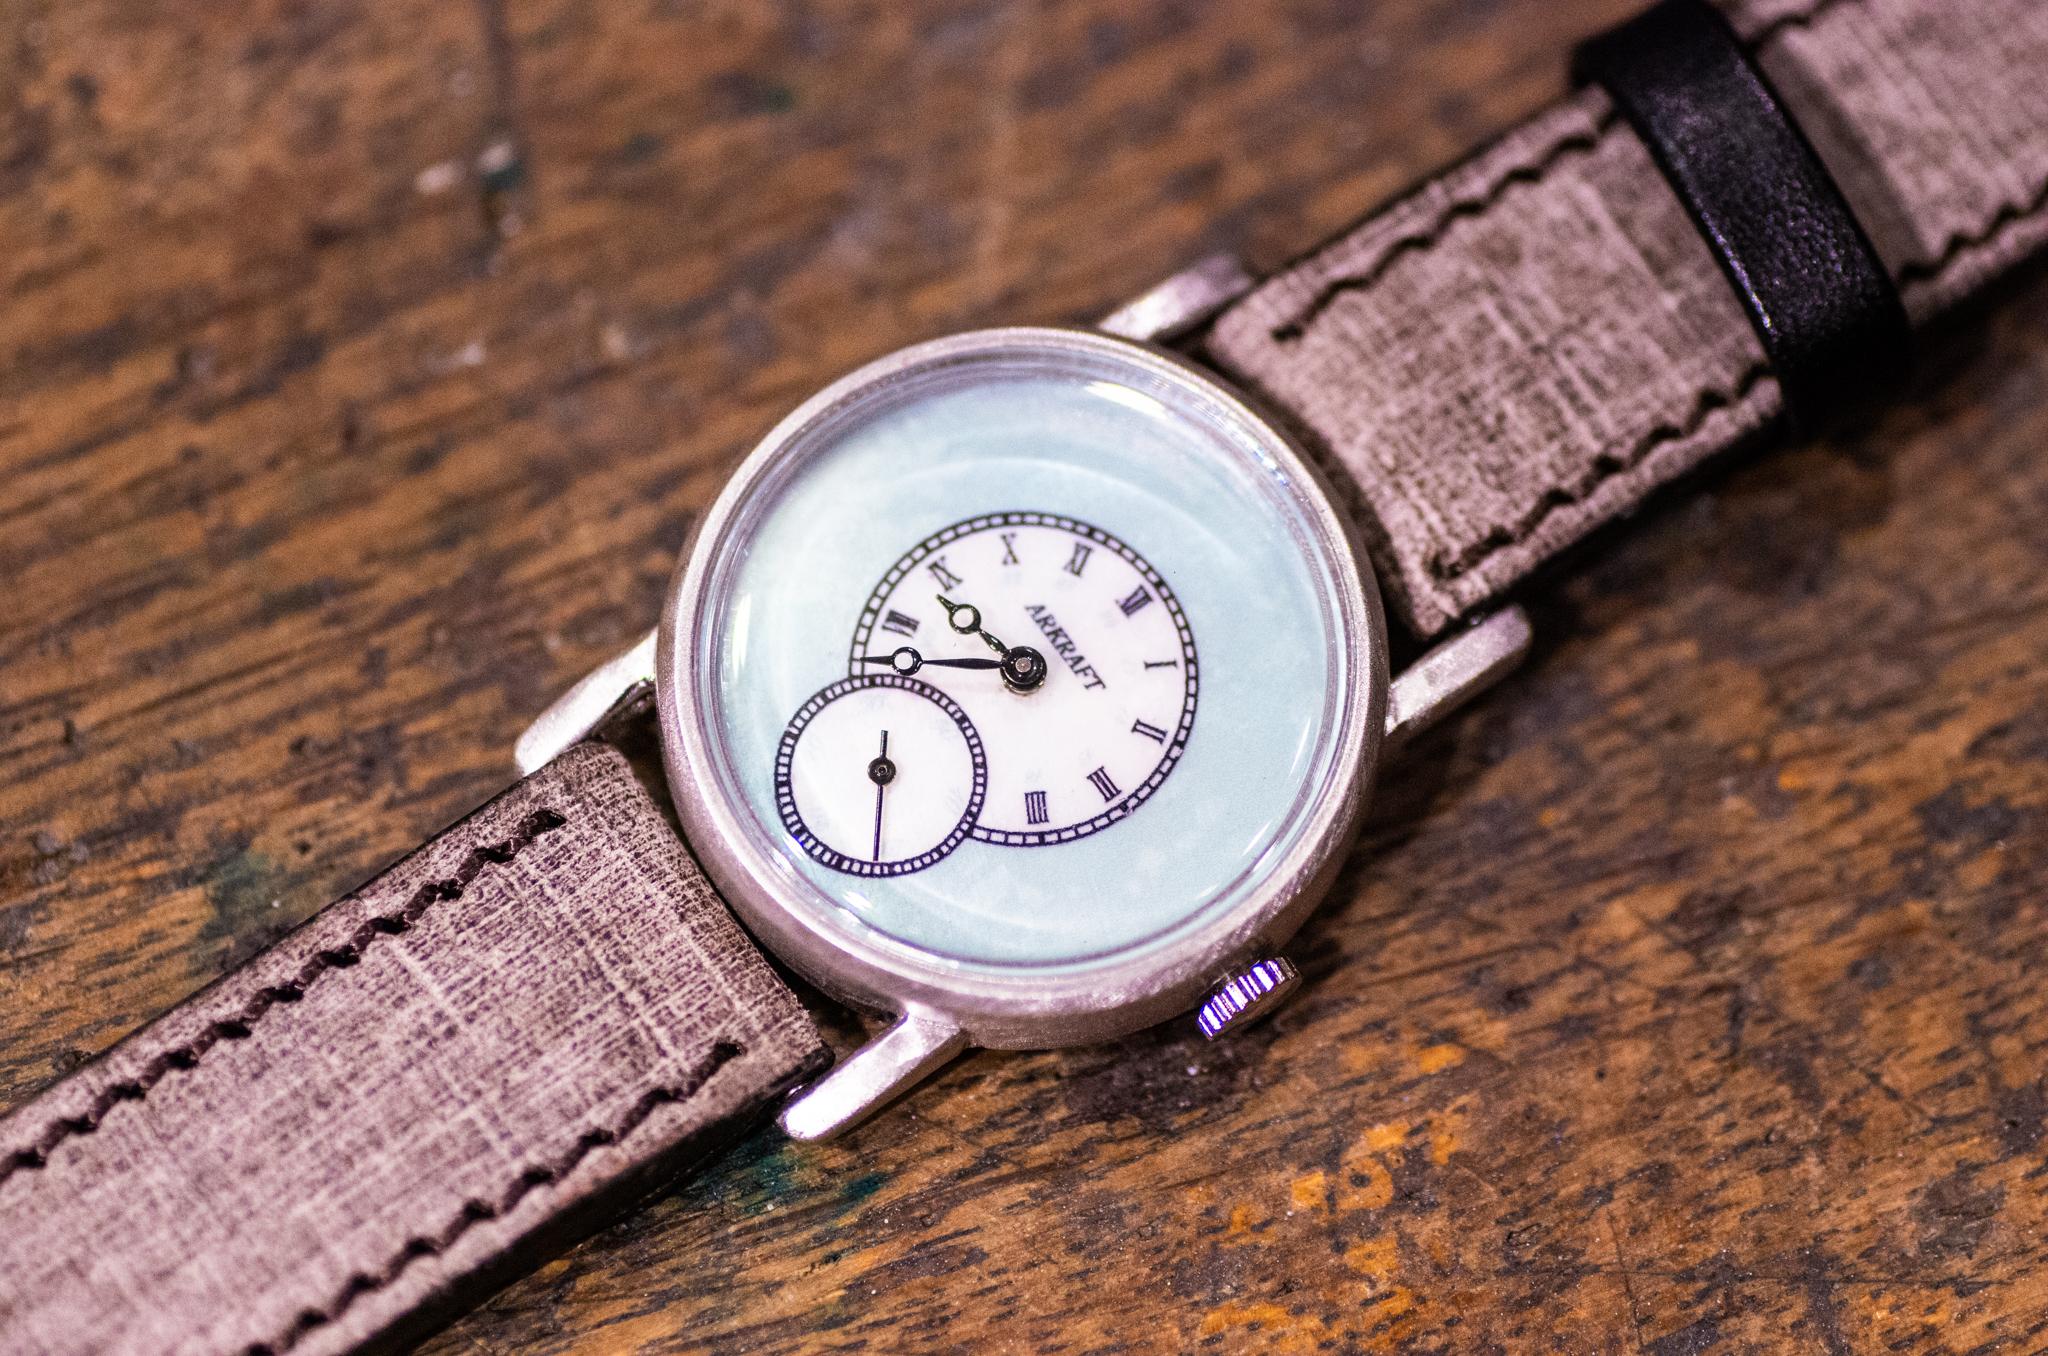 透明感のある白蝶貝が綺麗なモダンな雰囲気と個性を併せ持った腕時計(Sly Pastel /店頭在庫品)